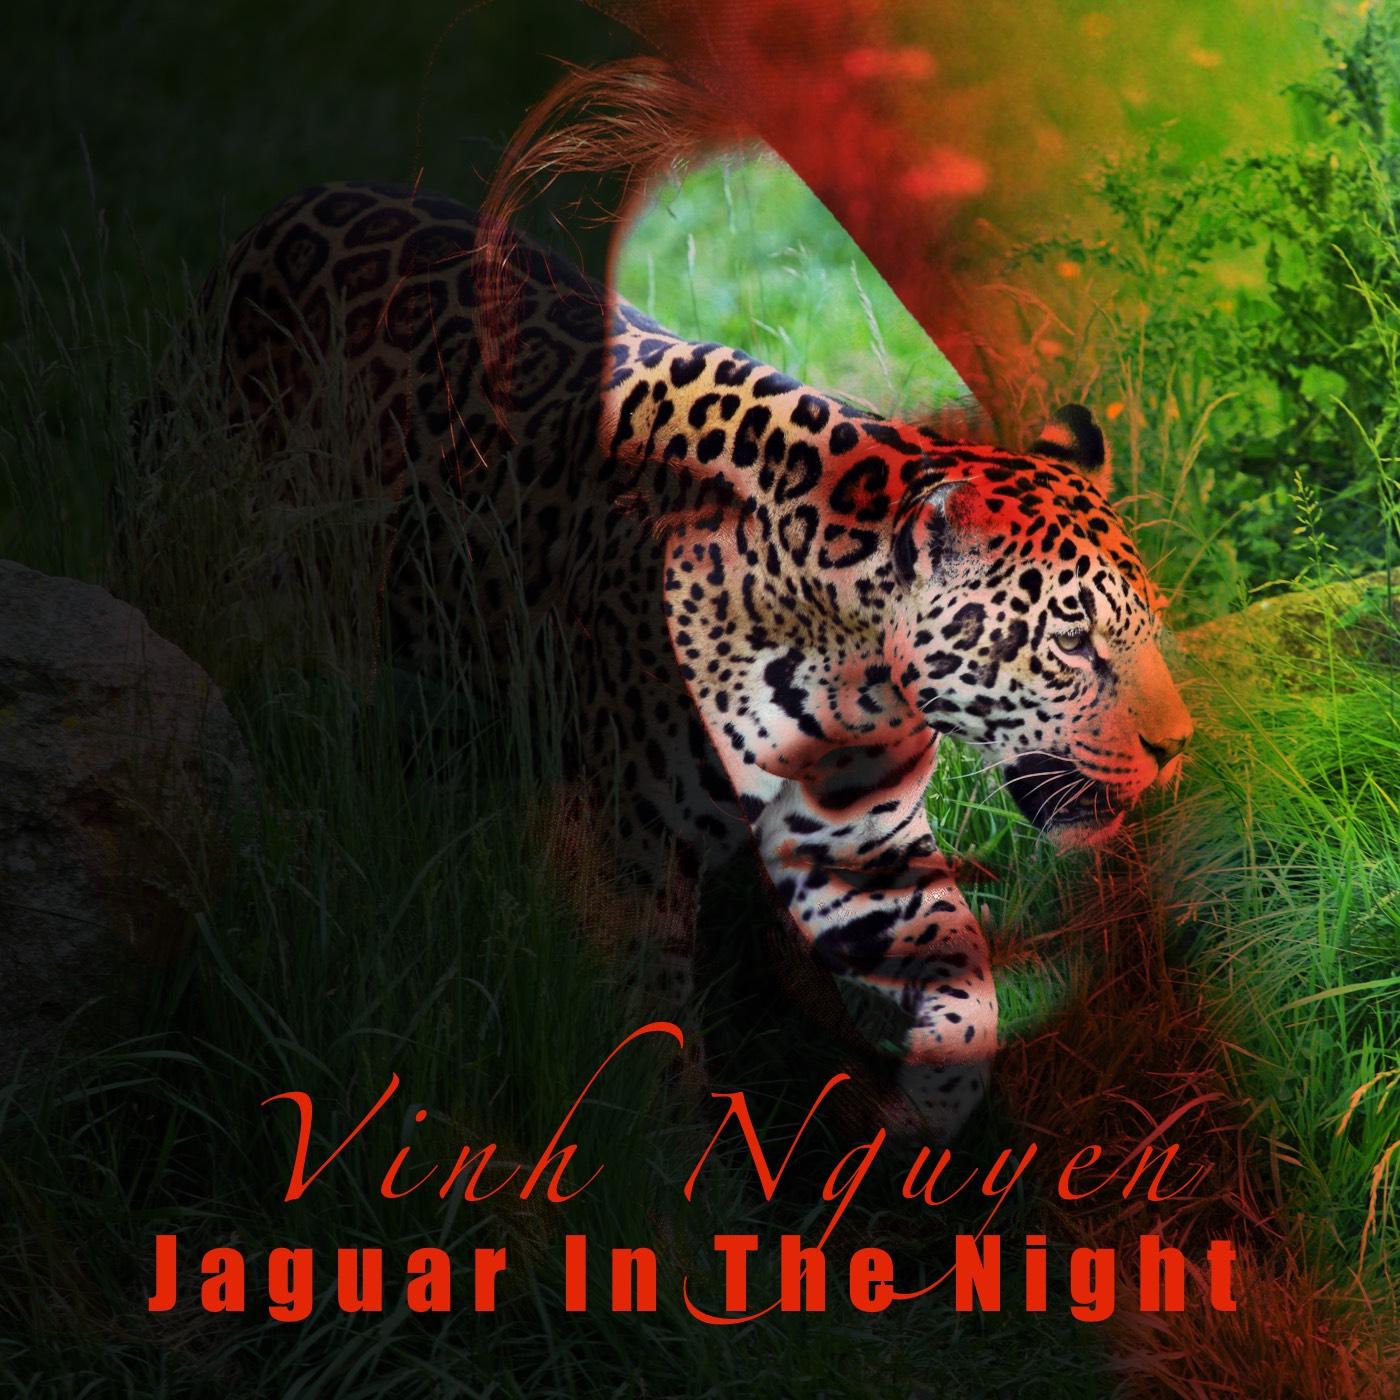 Jaguar In The Night Music Cover Art JPG 70per